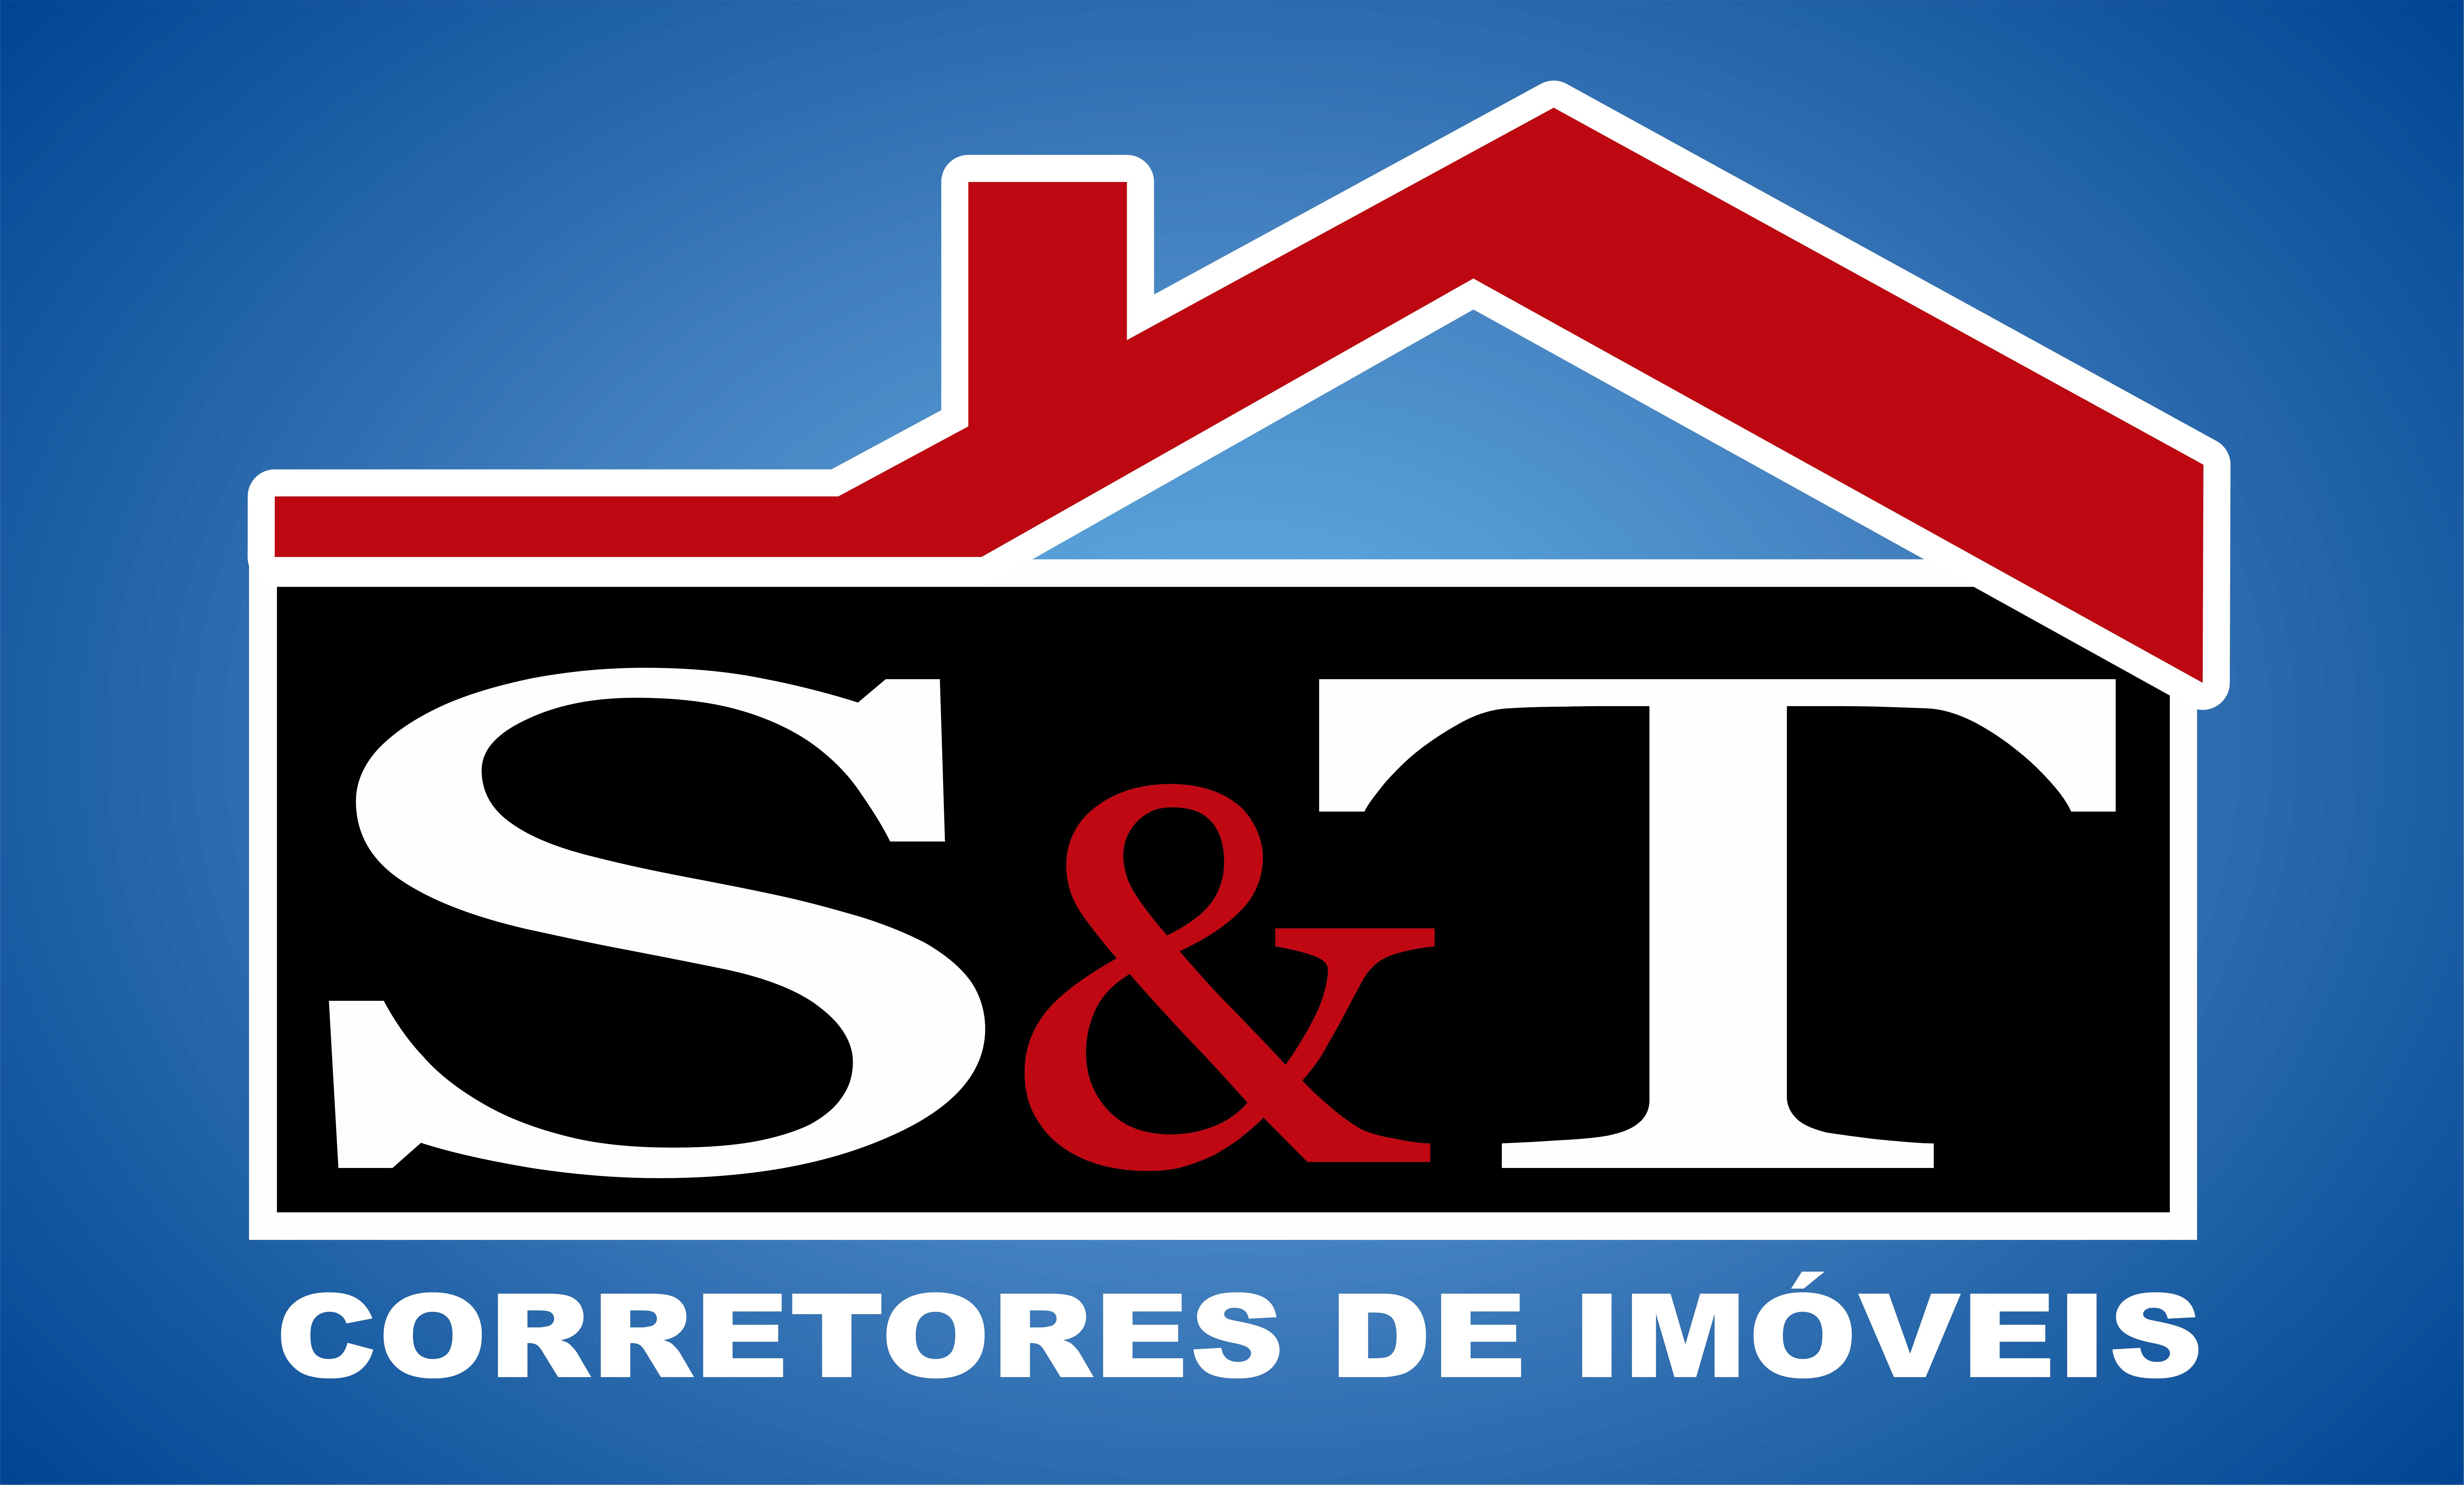 S&T Corretores de Imóveis